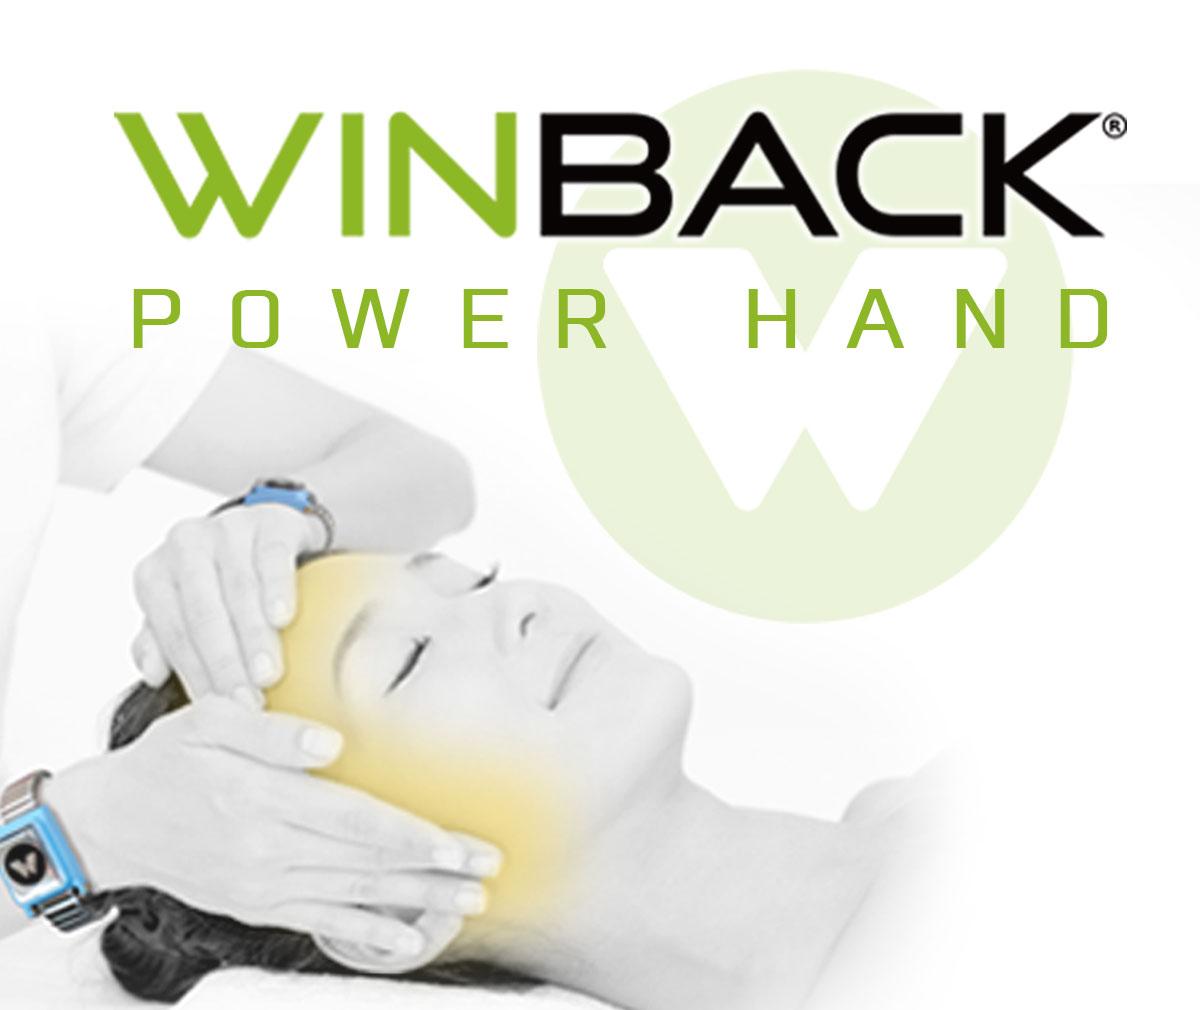 WINBACK POWER HAND ウィンバック パワーハンド